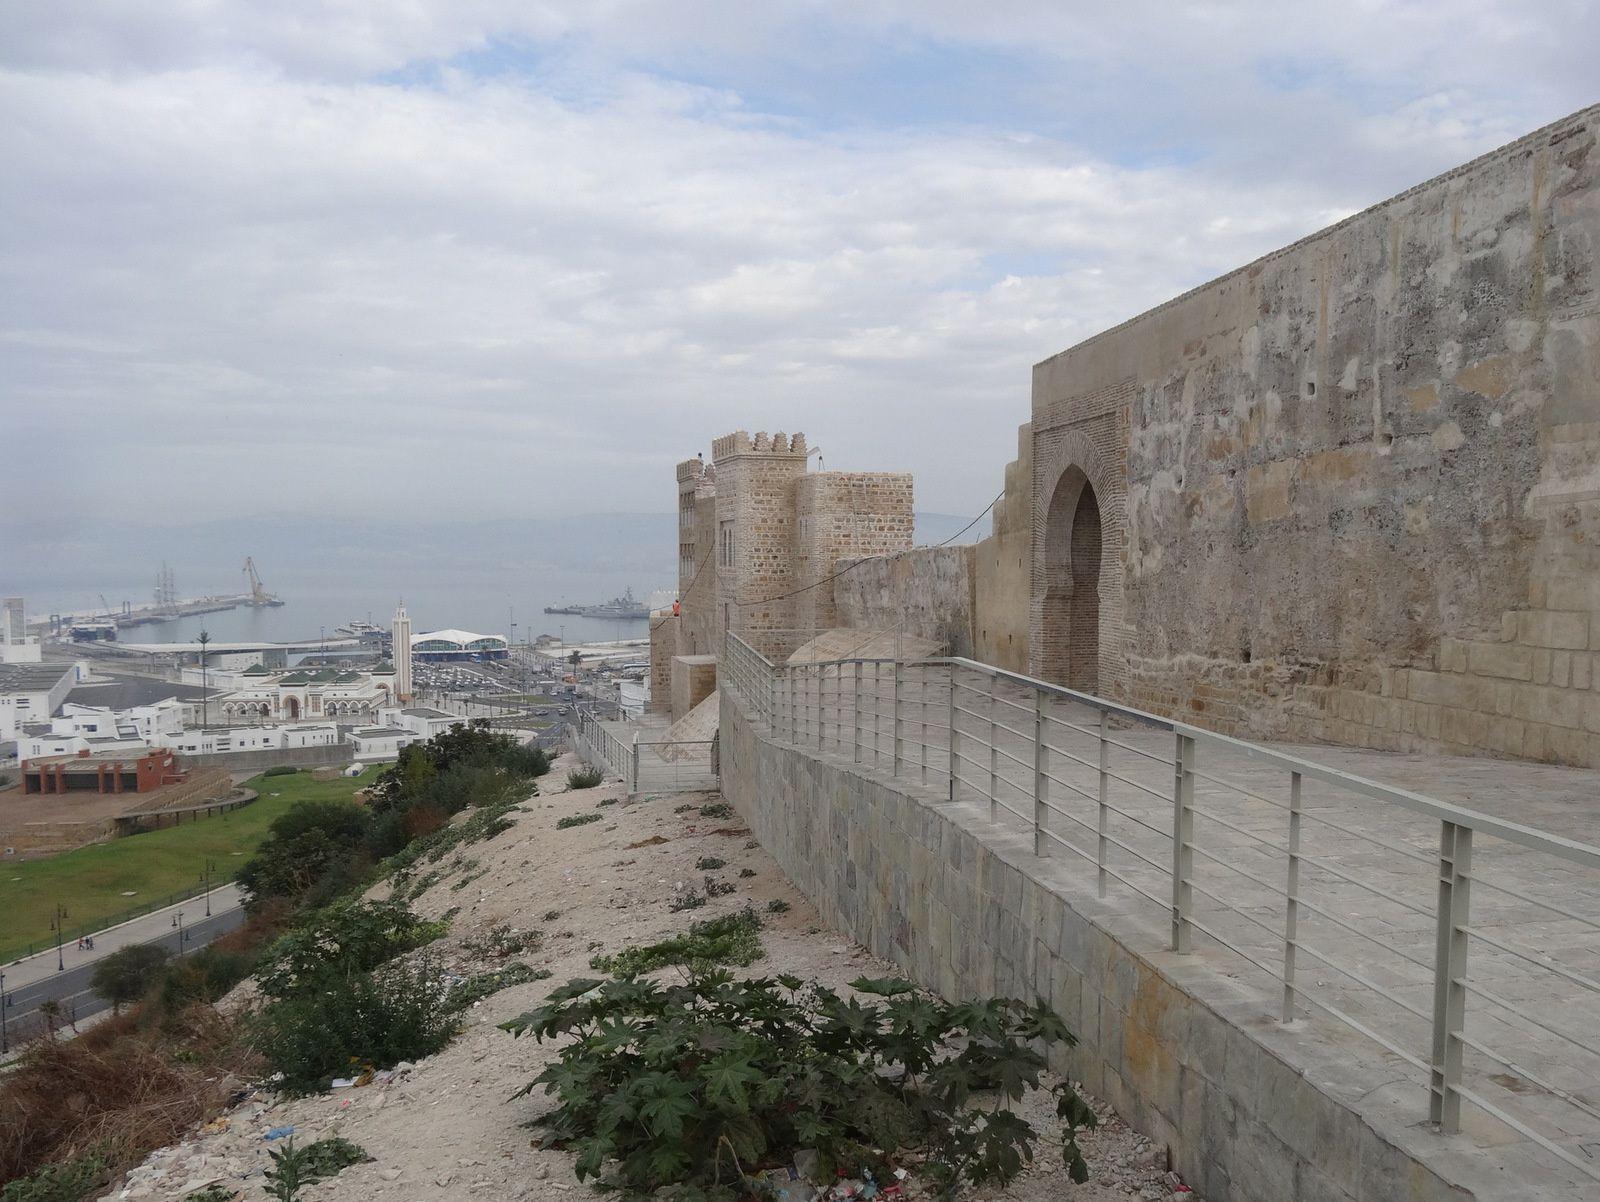 Le château d'YORK de Tanger reconstruit